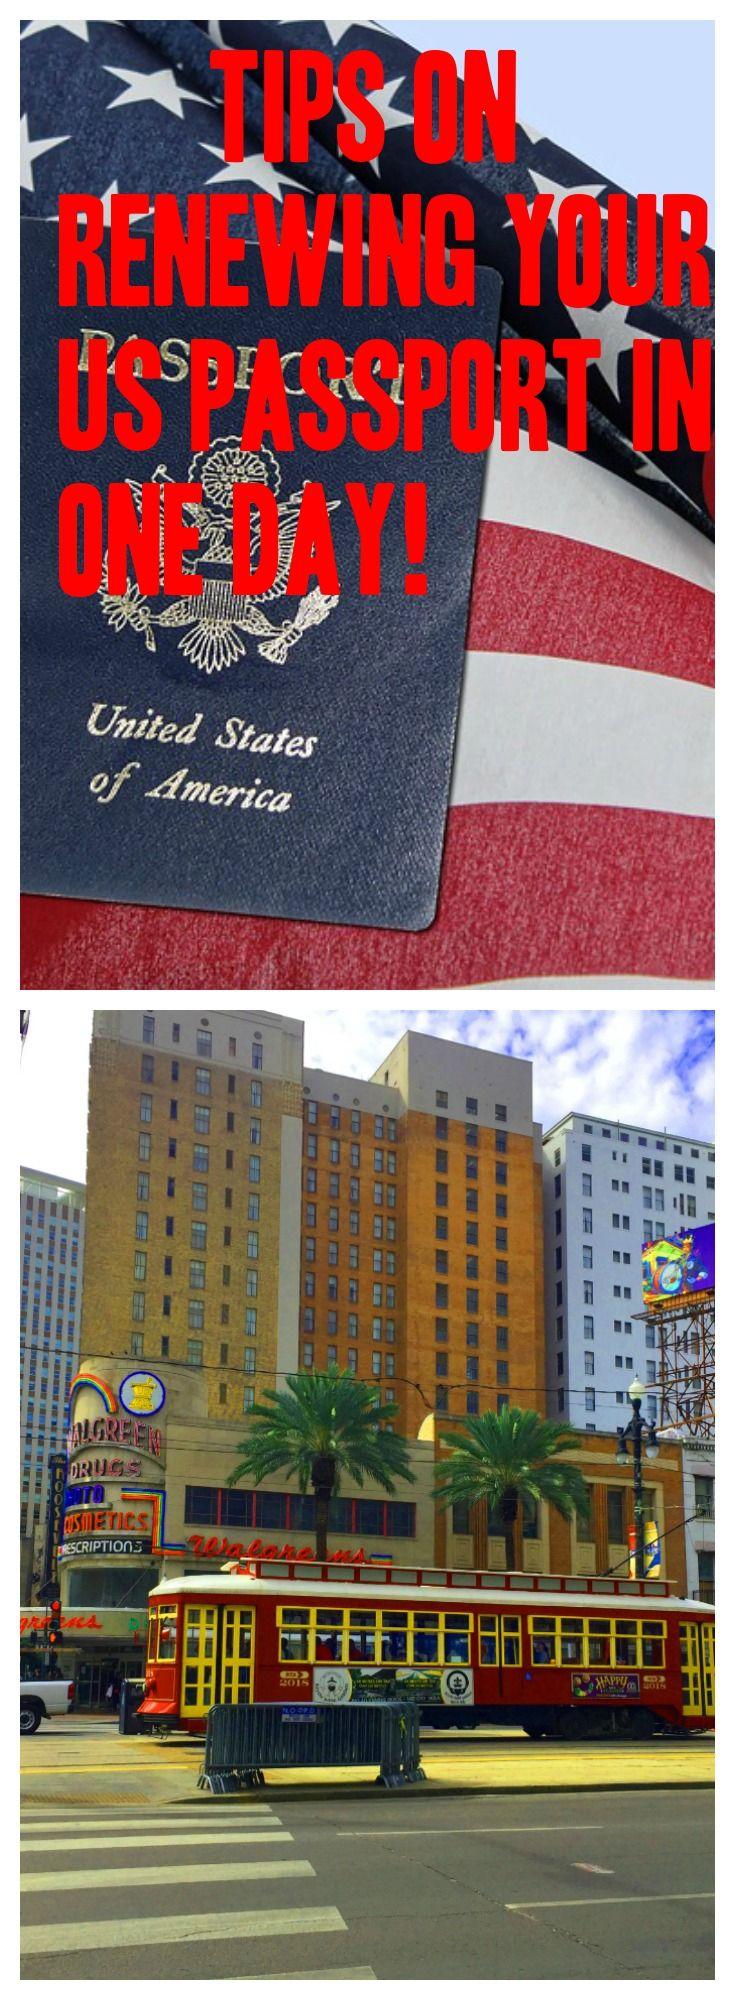 New Orleans, Louisiana | Passport Office | Travel